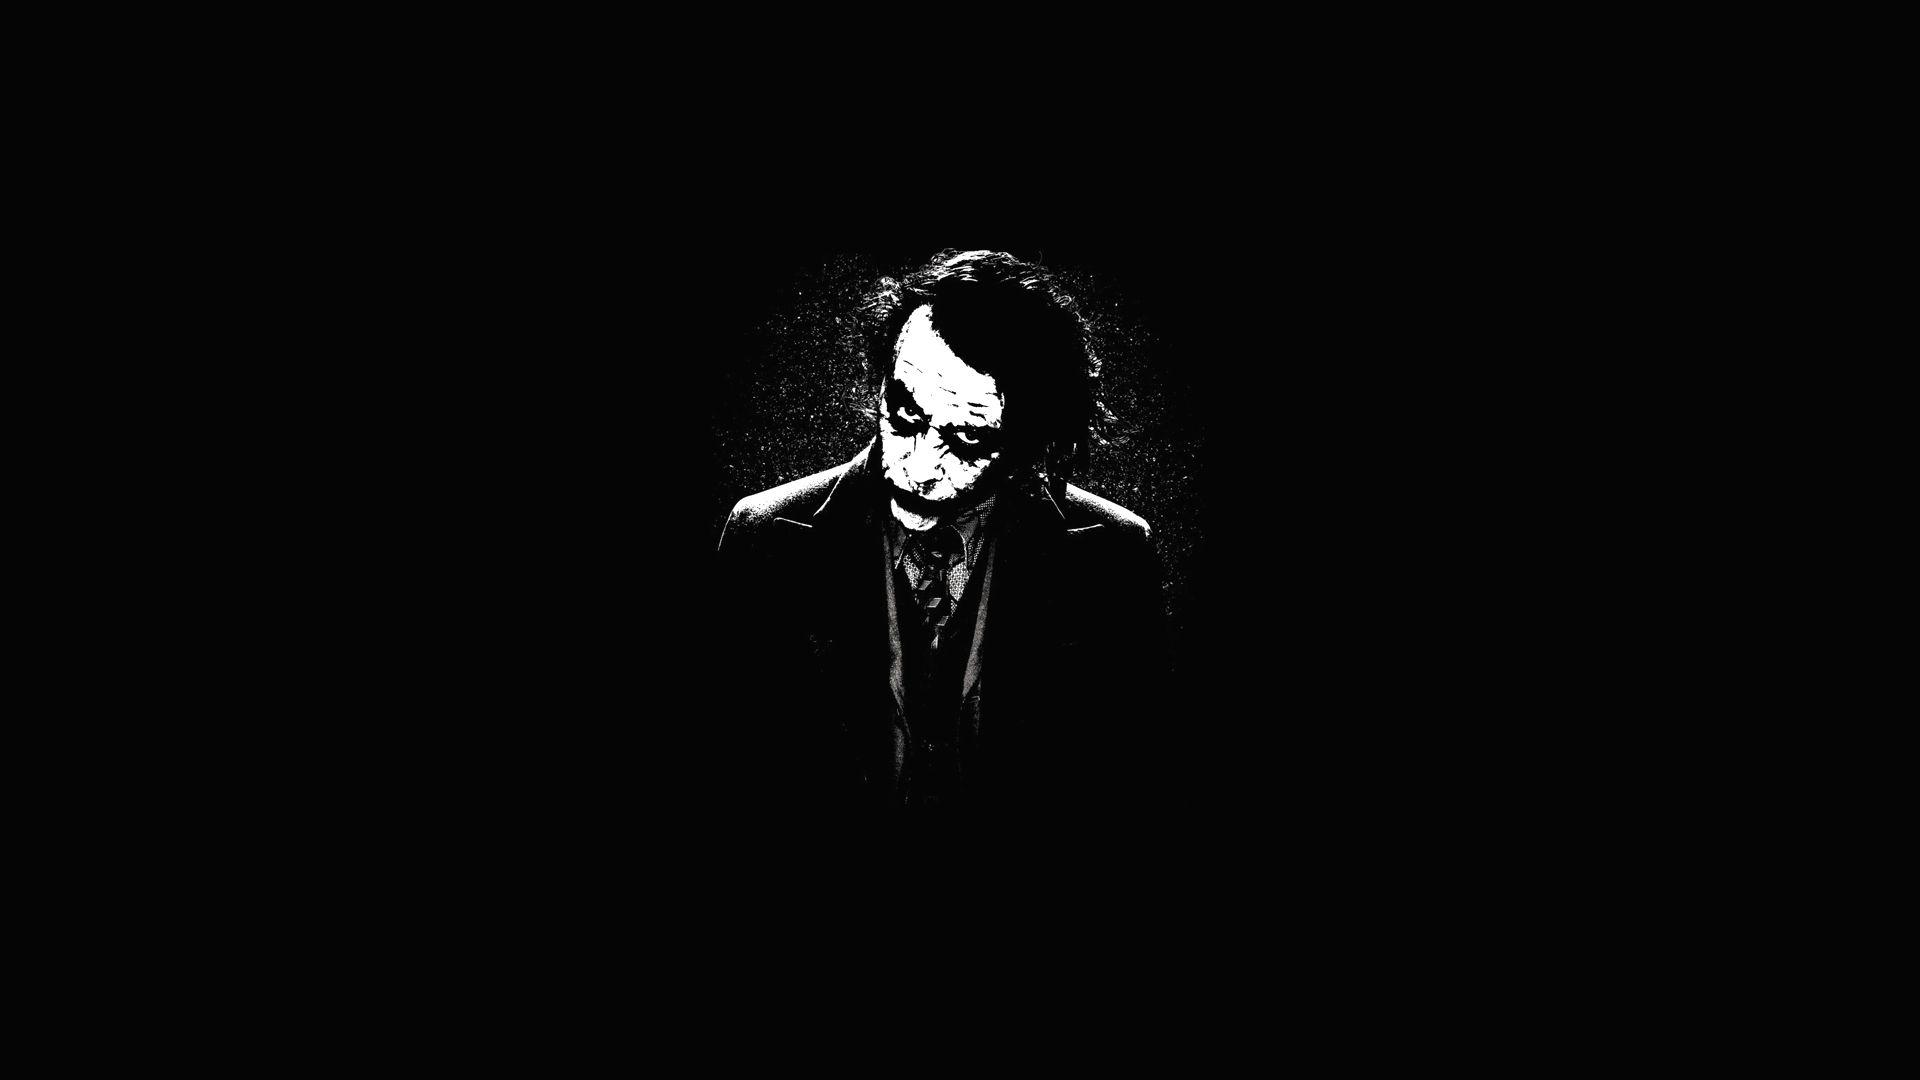 The Joker The Dark Knight Wallpaper Dark Knight Wallpaper Joker Wallpapers Black Hd Wallpaper Cool ultra hd black joker wallpaper hd